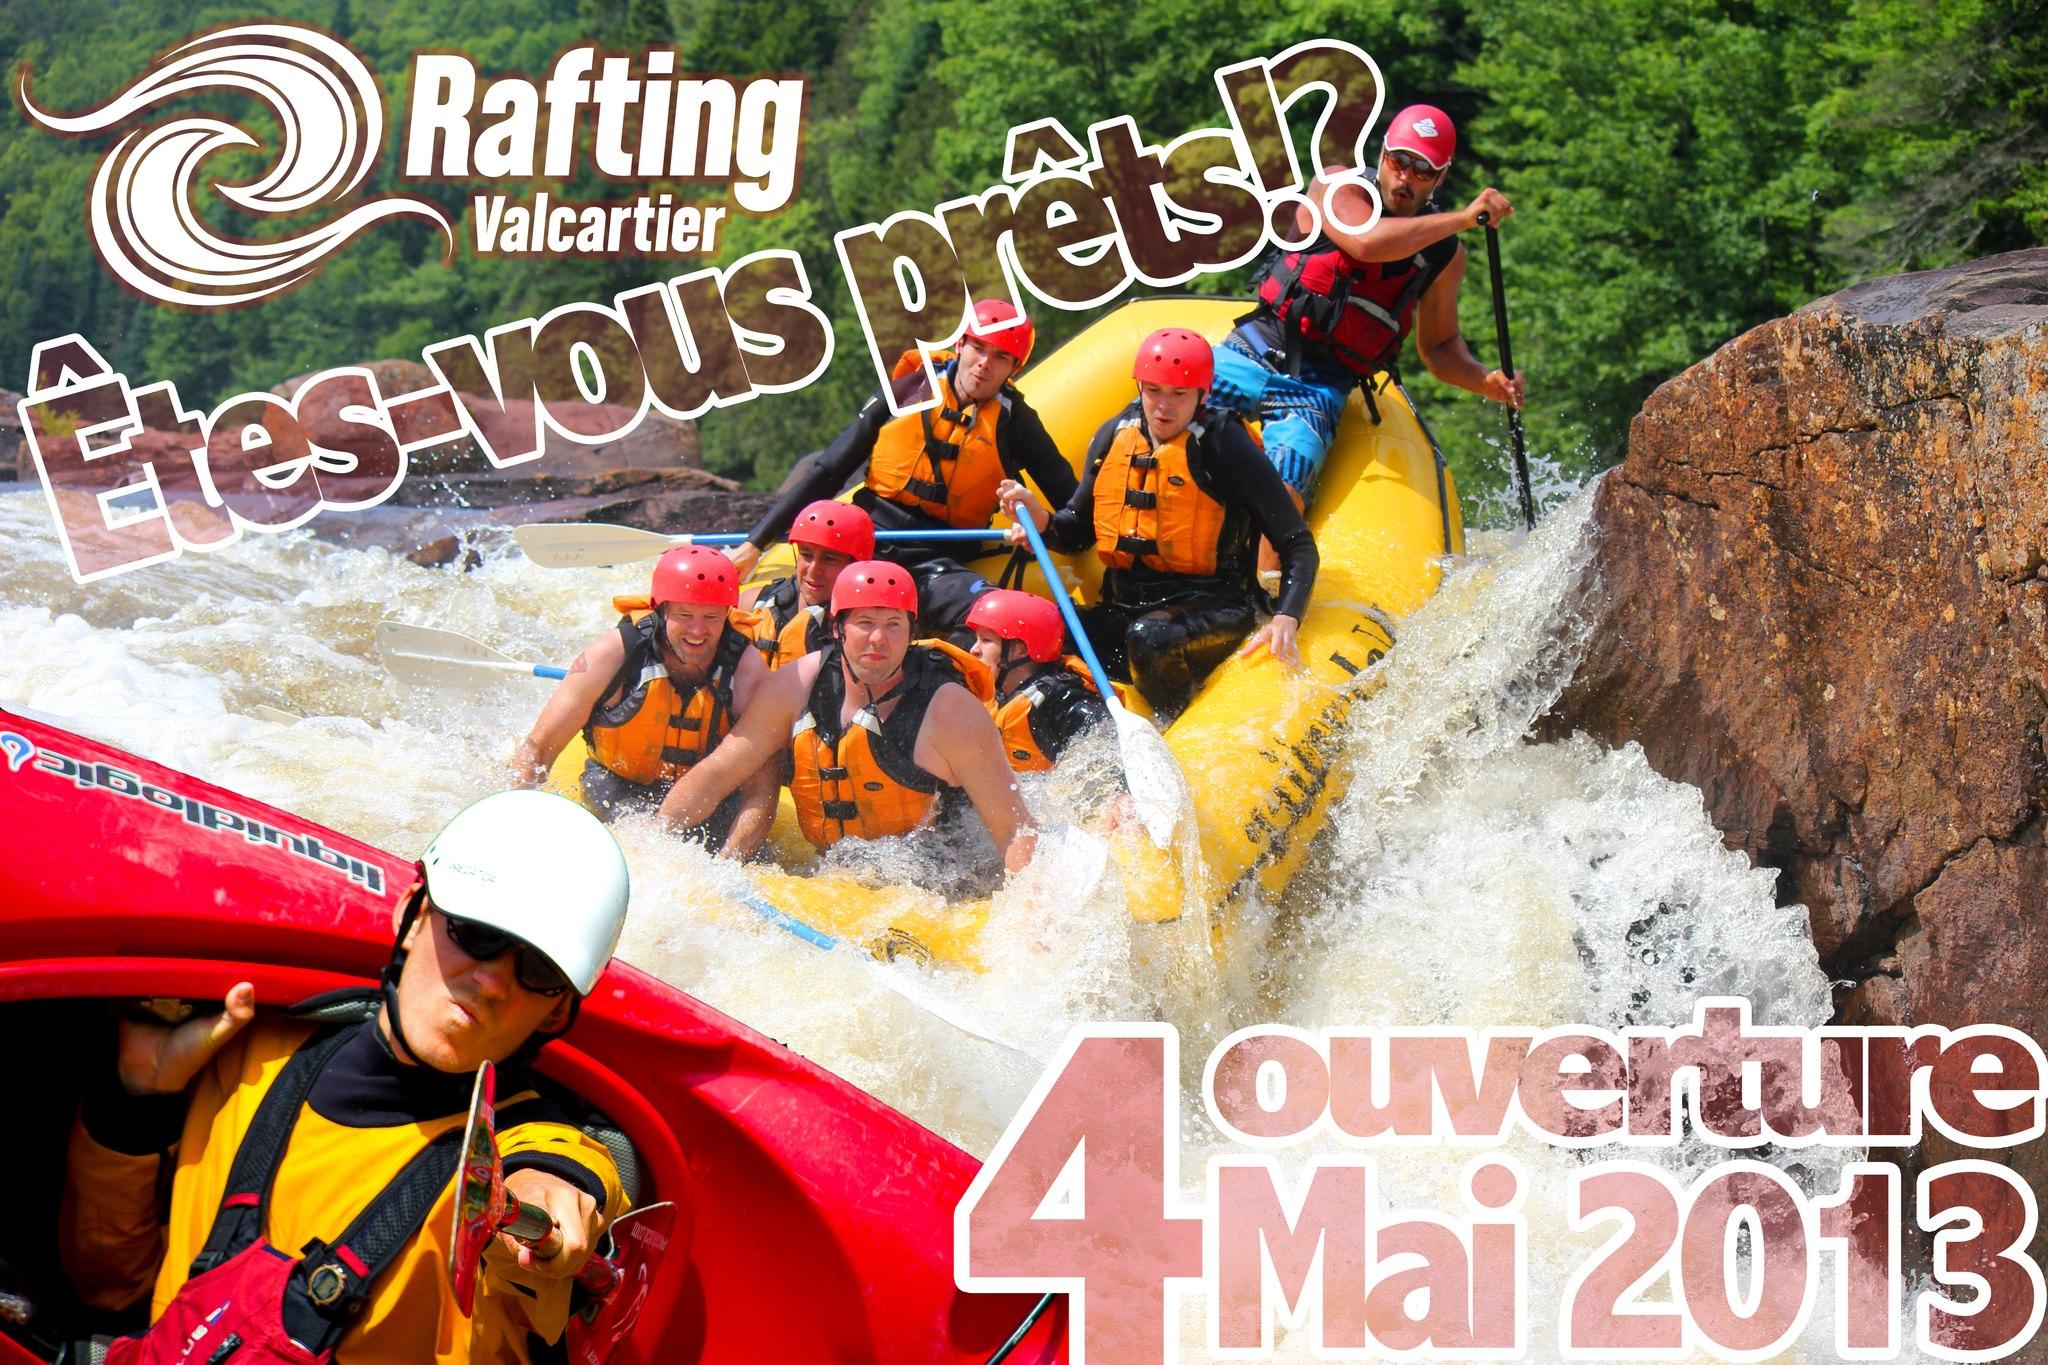 Rafting Valcartier entame sa saison 2013 sur la rivière Jacques-Cartier